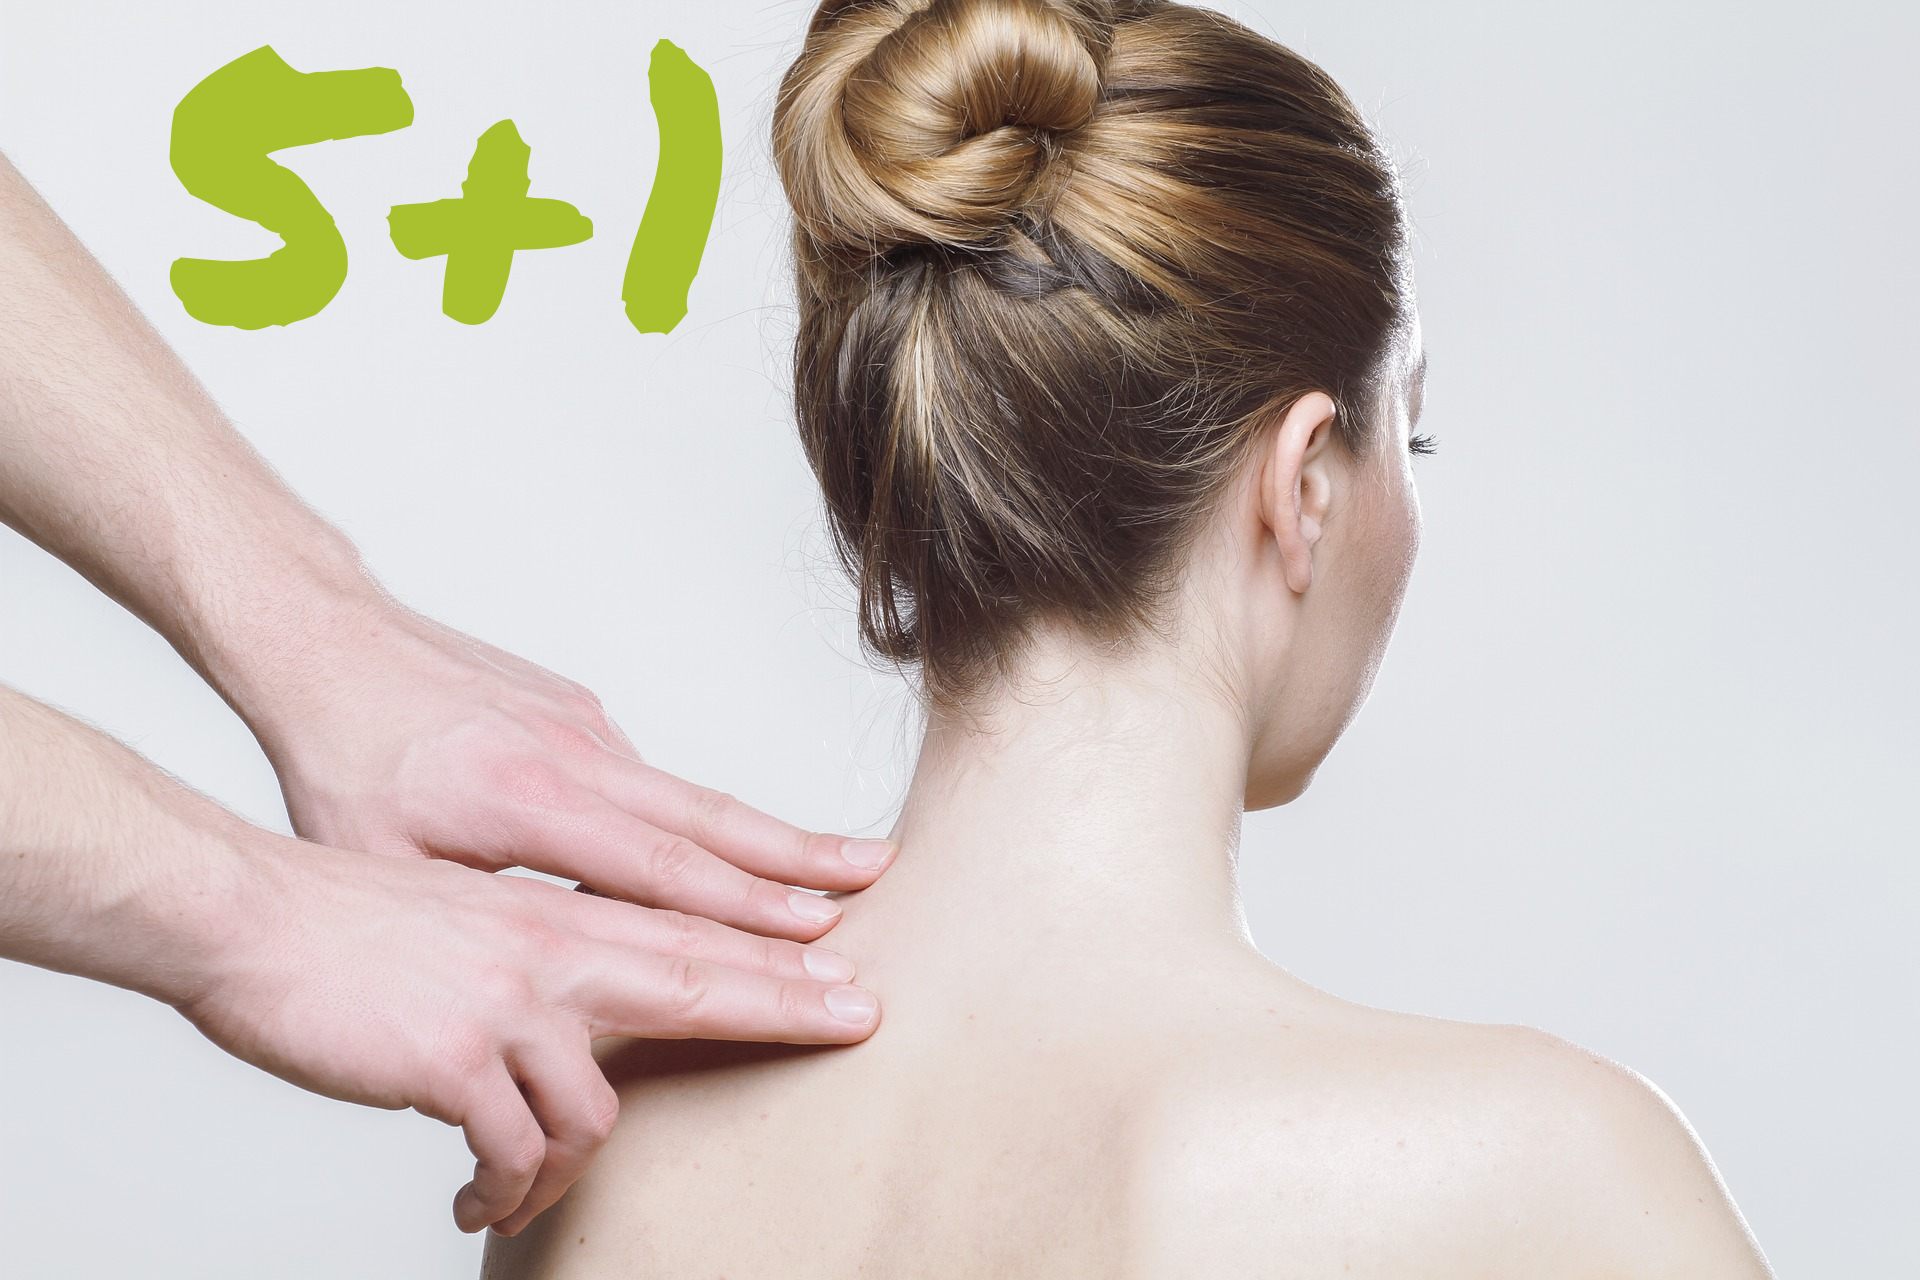 Sedící žena na masáži a popisek vysvětlující, že každá šestá masáž je zdarma.